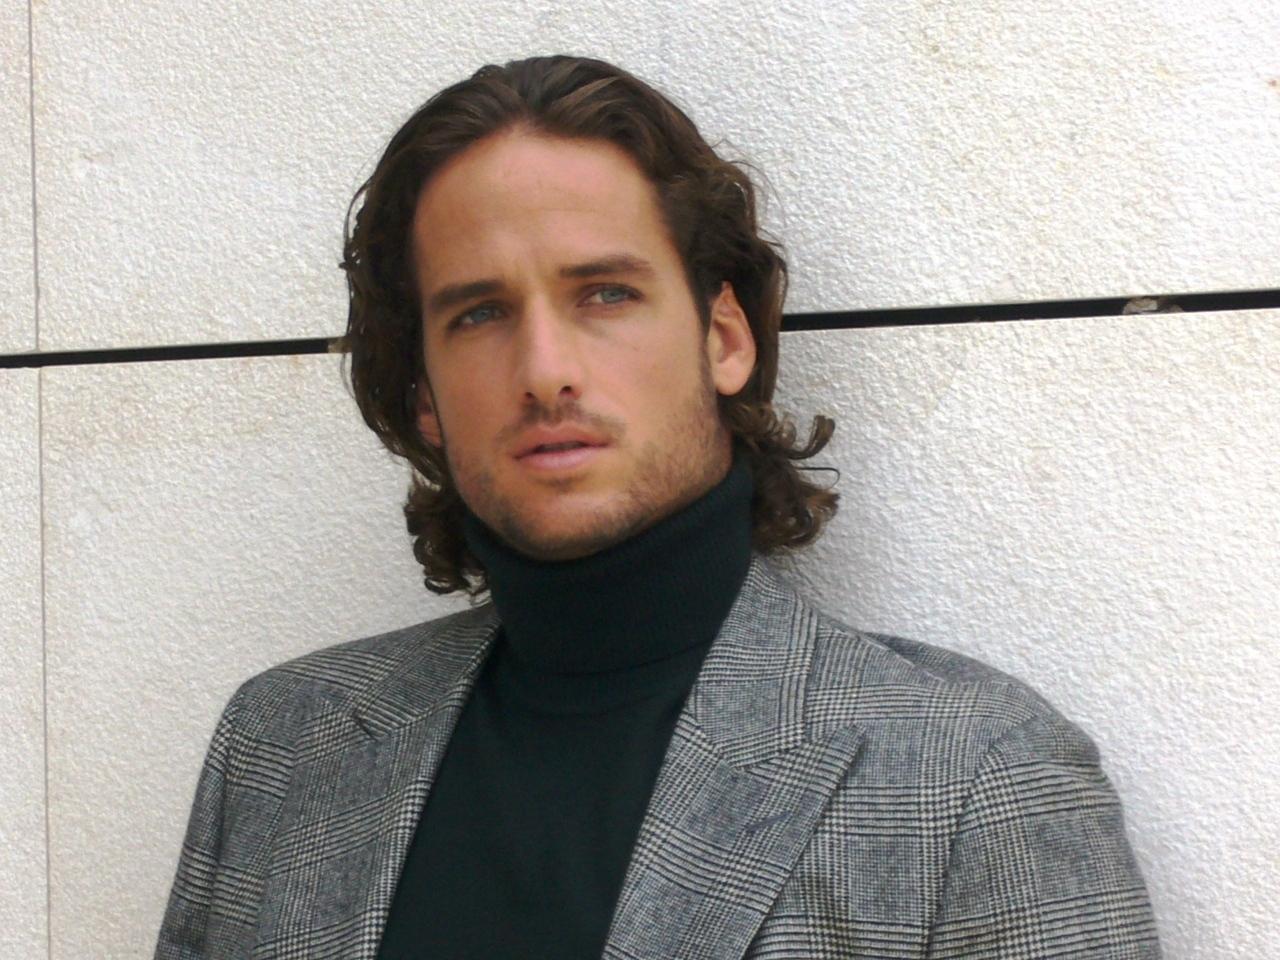 Lopez Feliciano